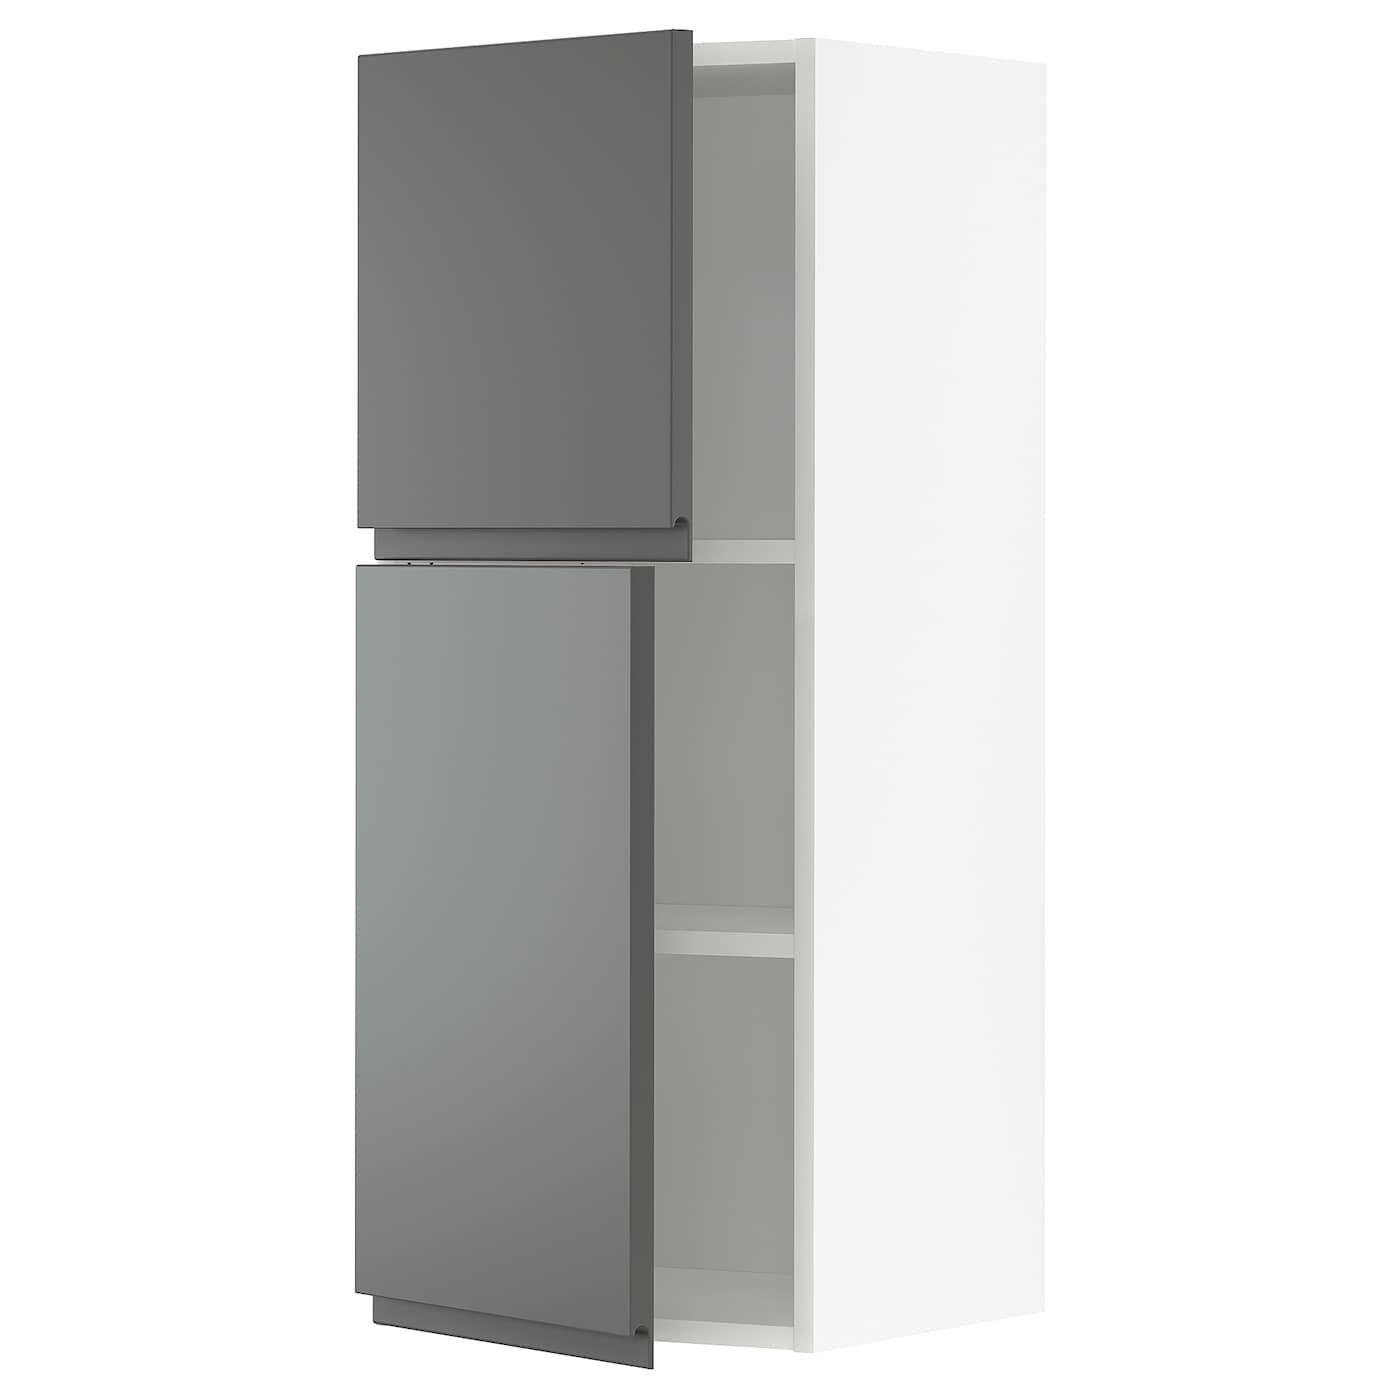 METOD Wandschrank mit Böden und 2 Türen – weiß/Voxtorp dunke…